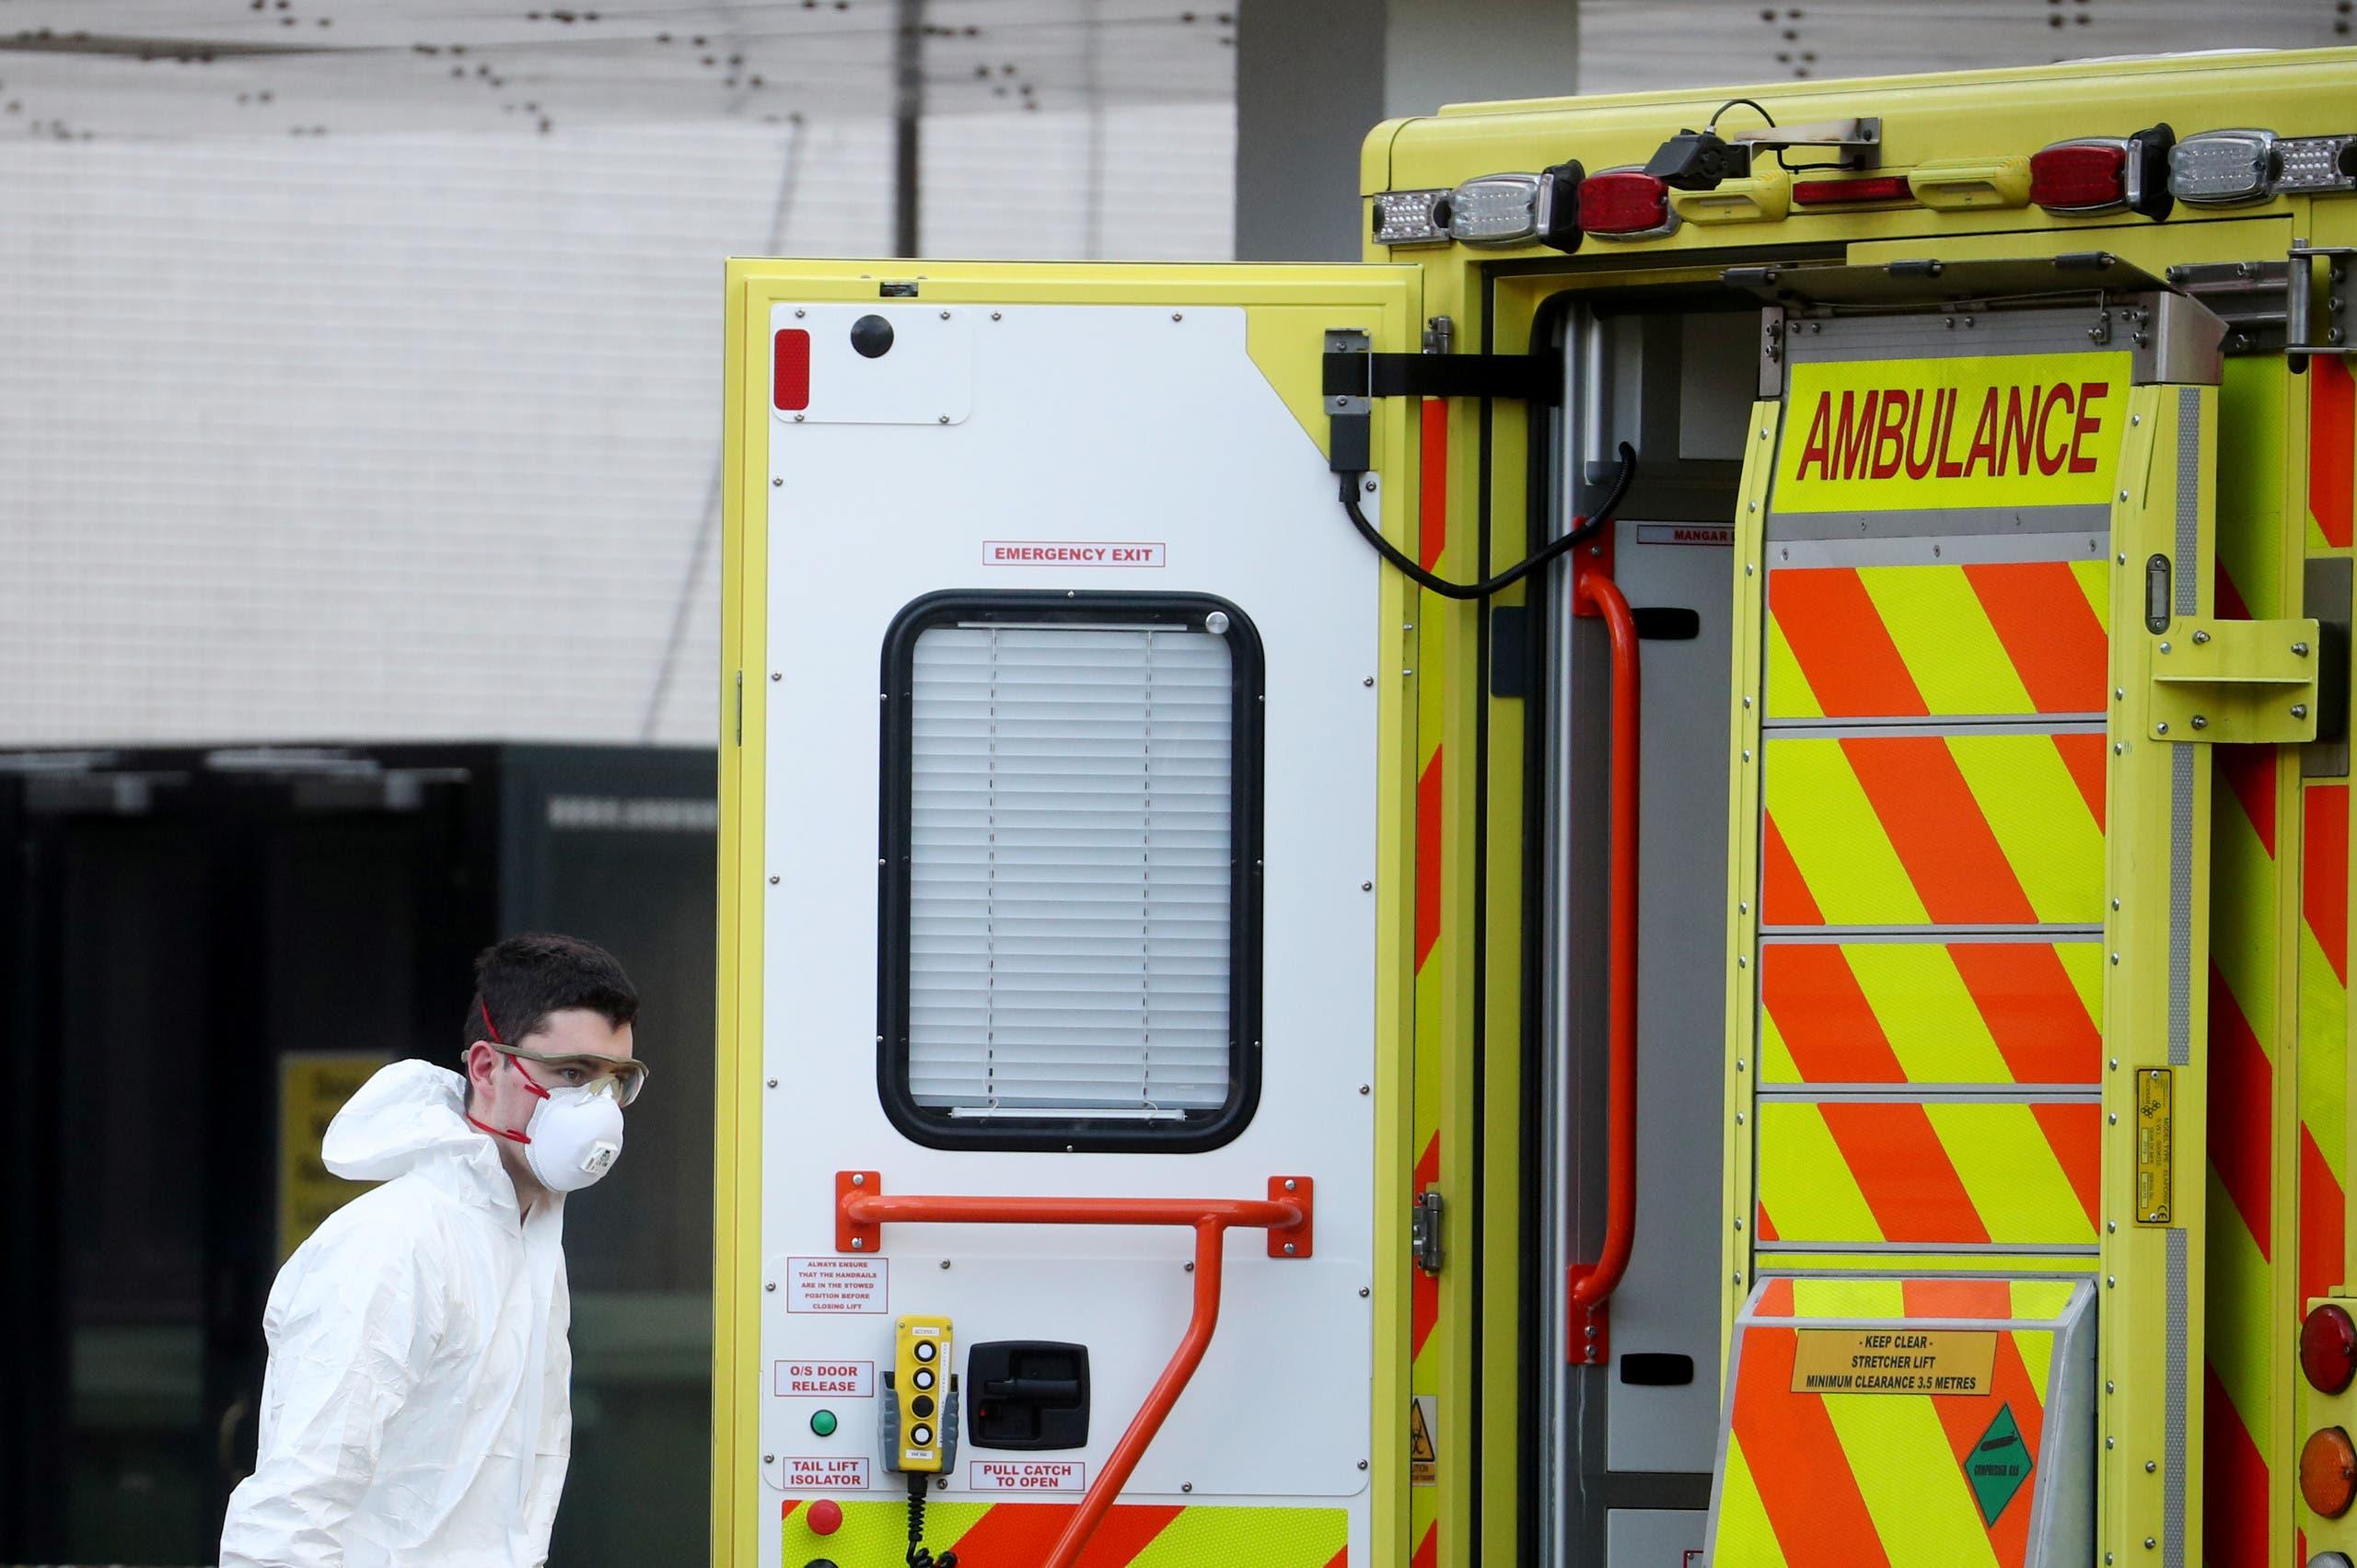 مسعف يقف خلف سيارة اسعاف في لندن  (رويترز)